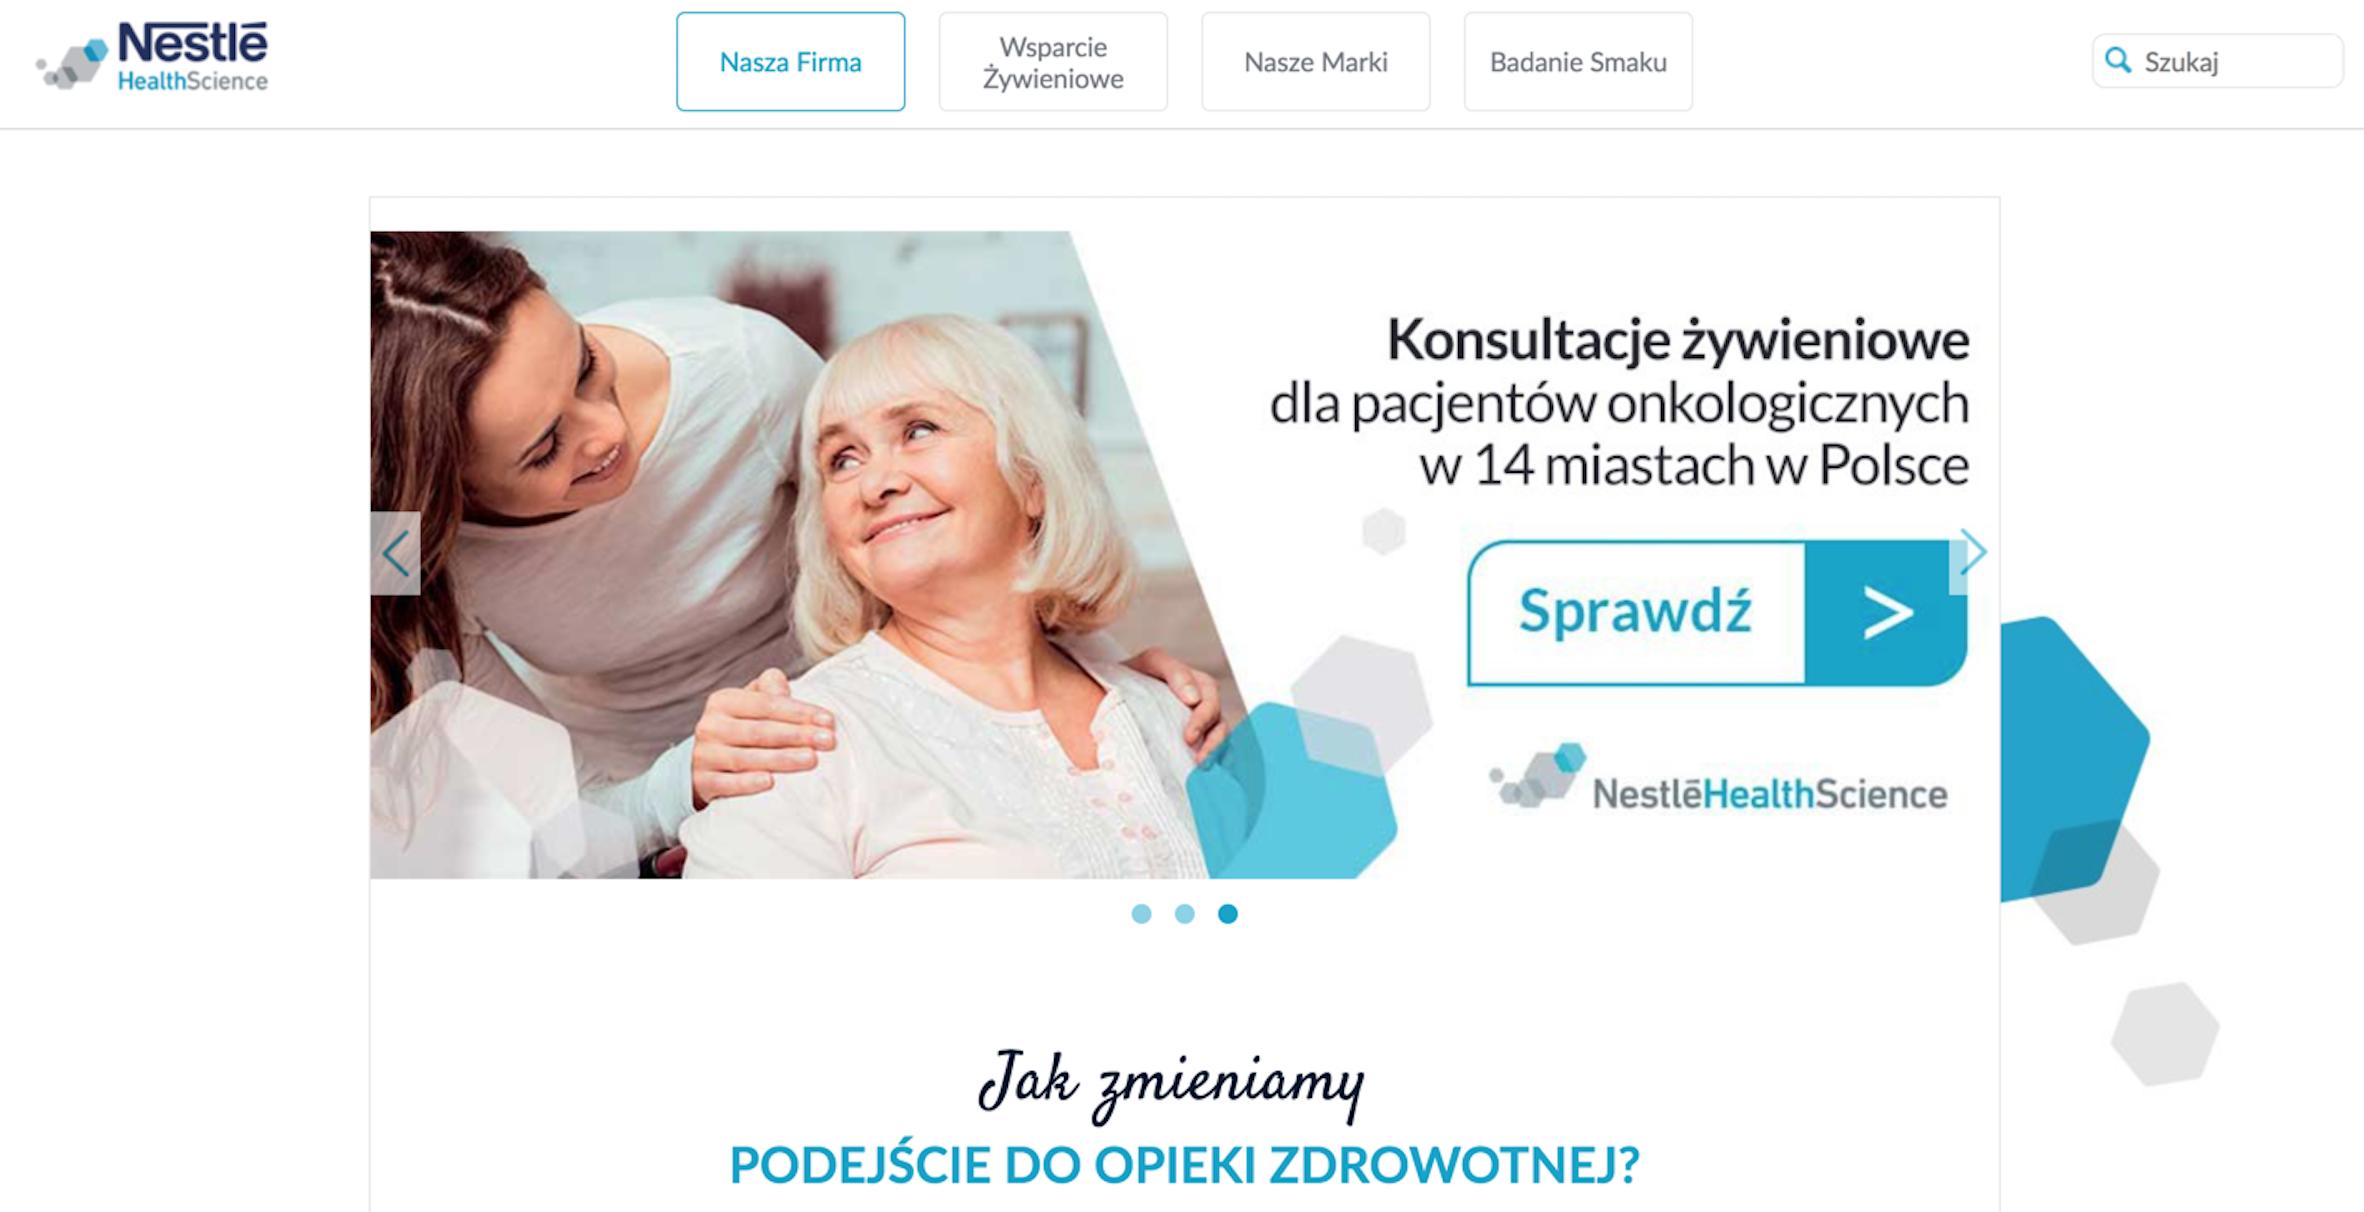 Nestlé Health Science – Iwona Winiarska